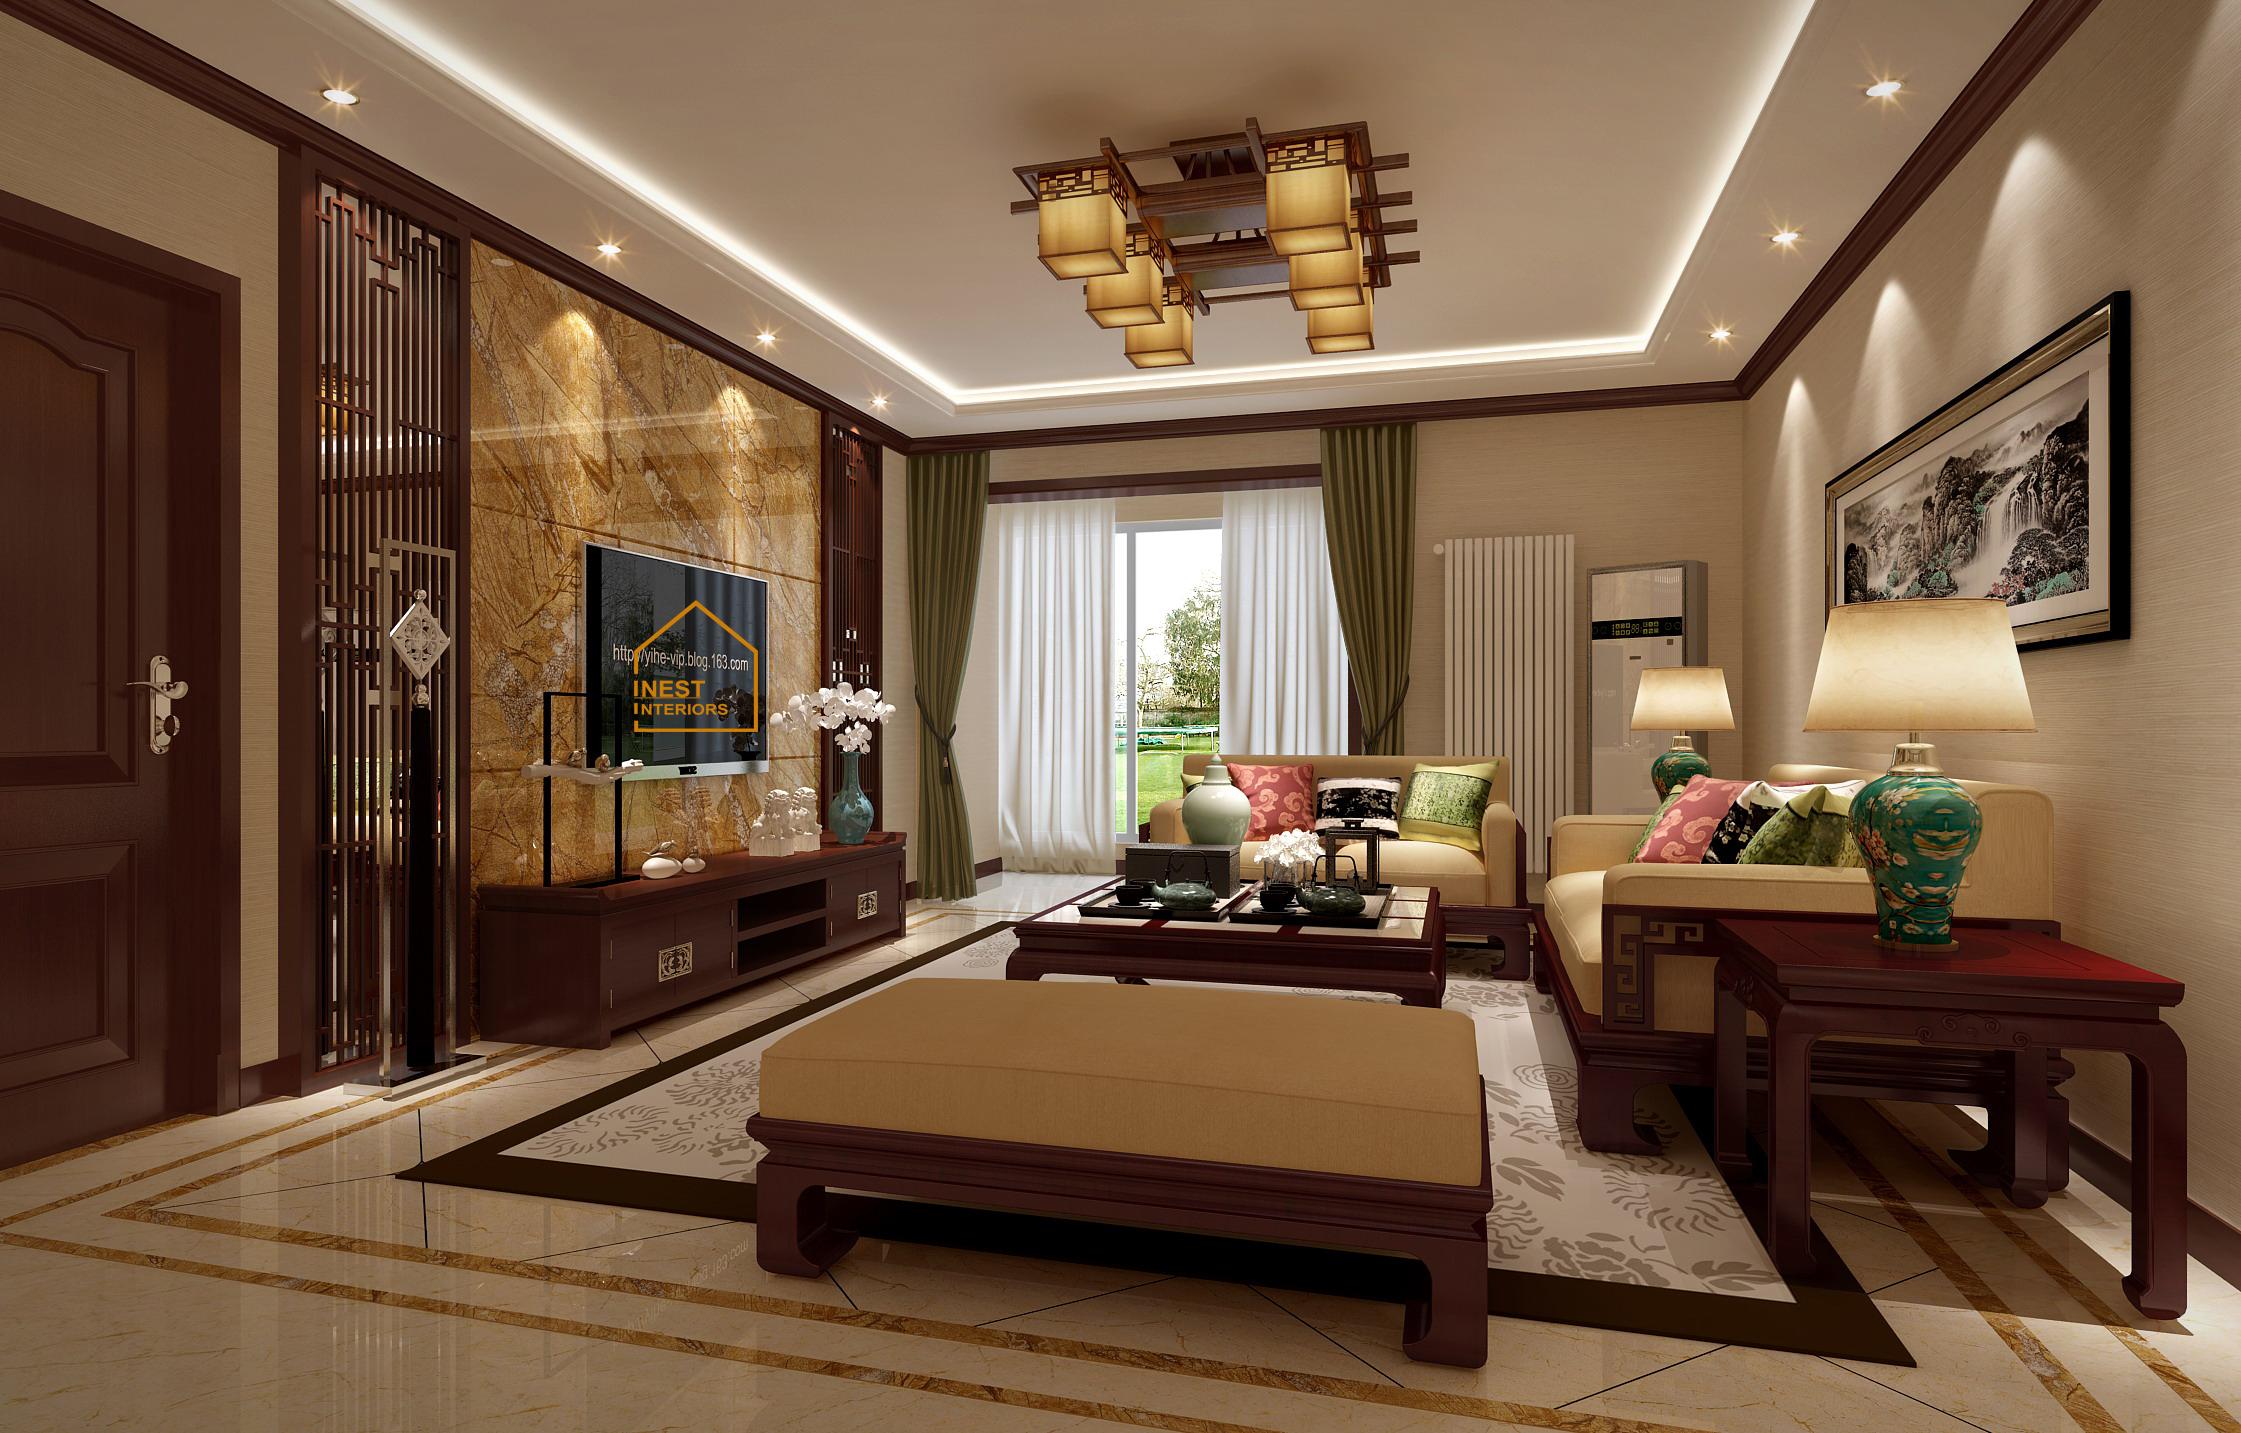 Thiết kế nội thất chung cư Time city theo phong cách Á Đông